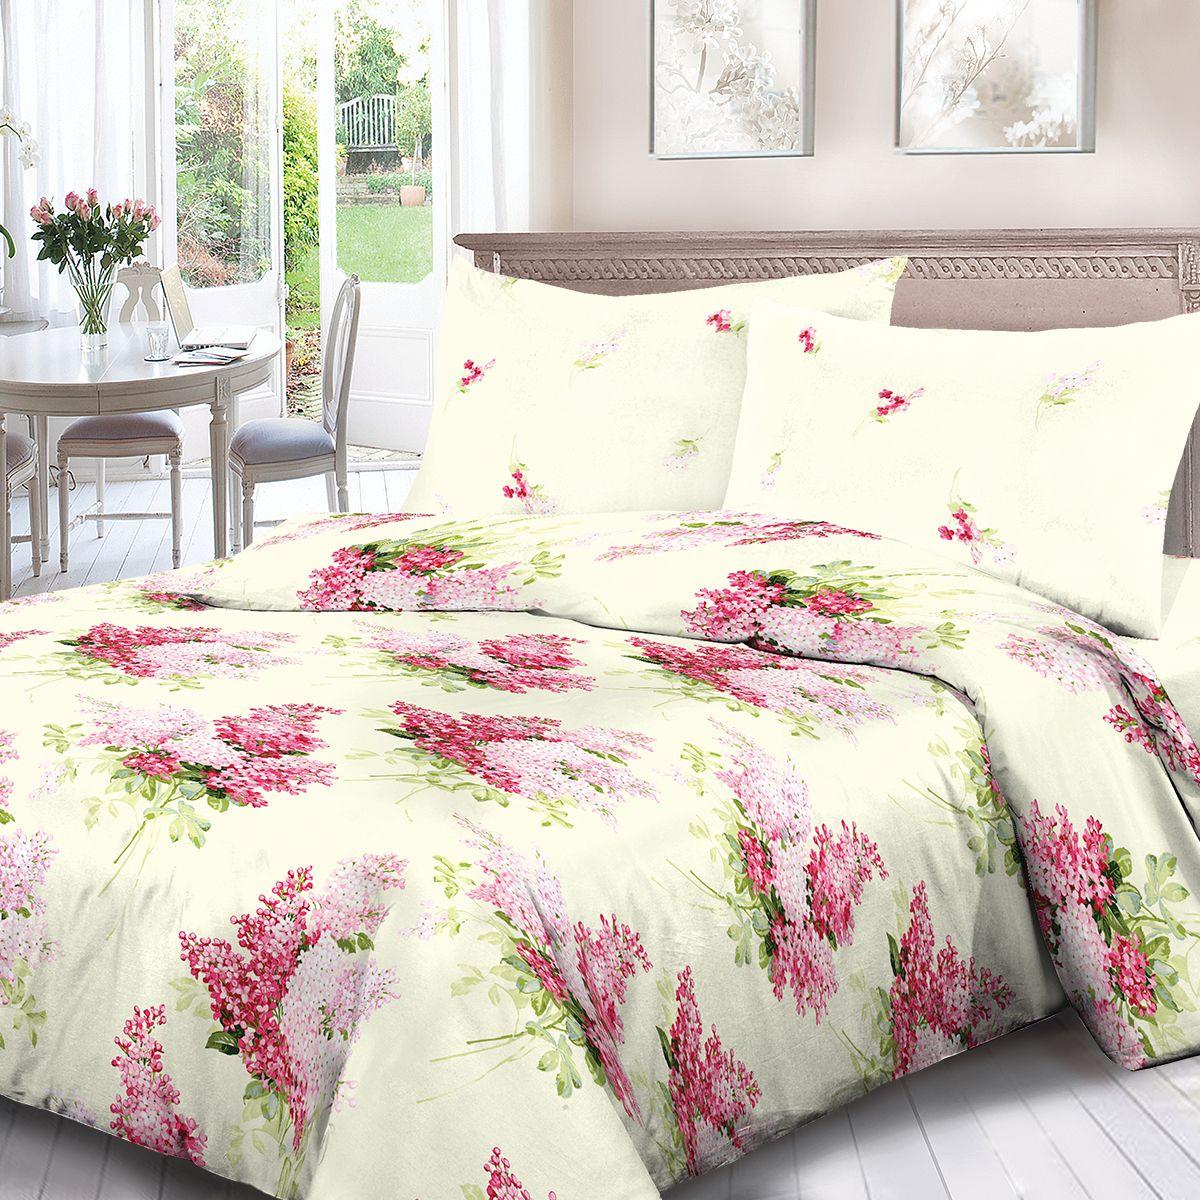 Комплект белья Для Снов Сирень, 1,5 спальное, наволочки 70x70, цвет: кремовый. 1623-181953